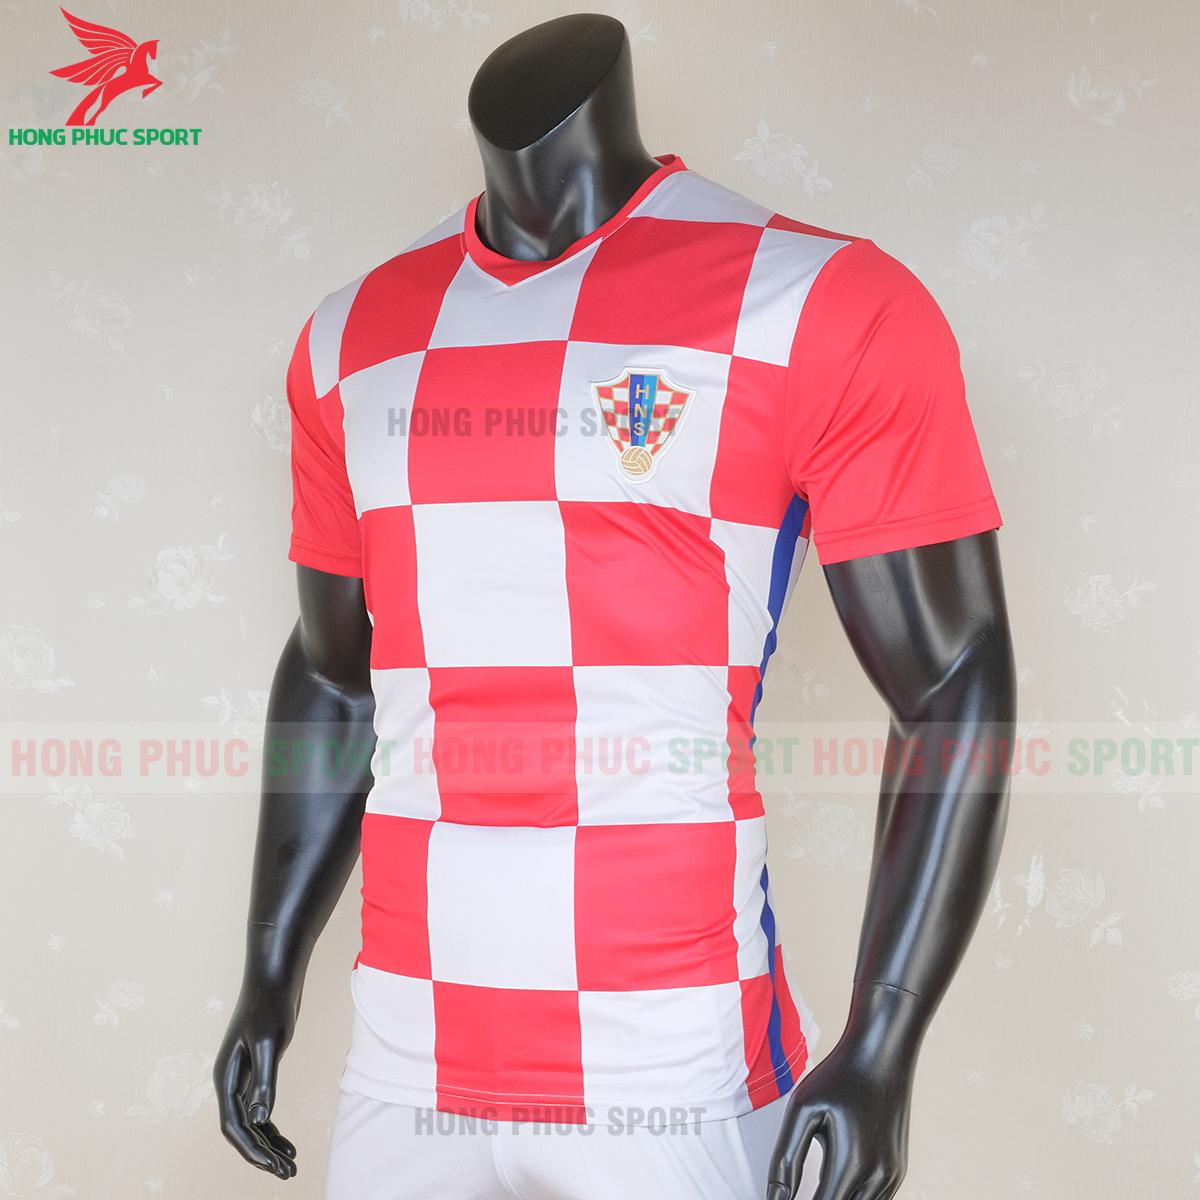 https://cdn.hongphucsport.com/unsafe/s4.shopbay.vn/files/285/ao-bong-da-tuyen-croatia-2020-san-nha-mau-1-5-5f7147c88c520.png